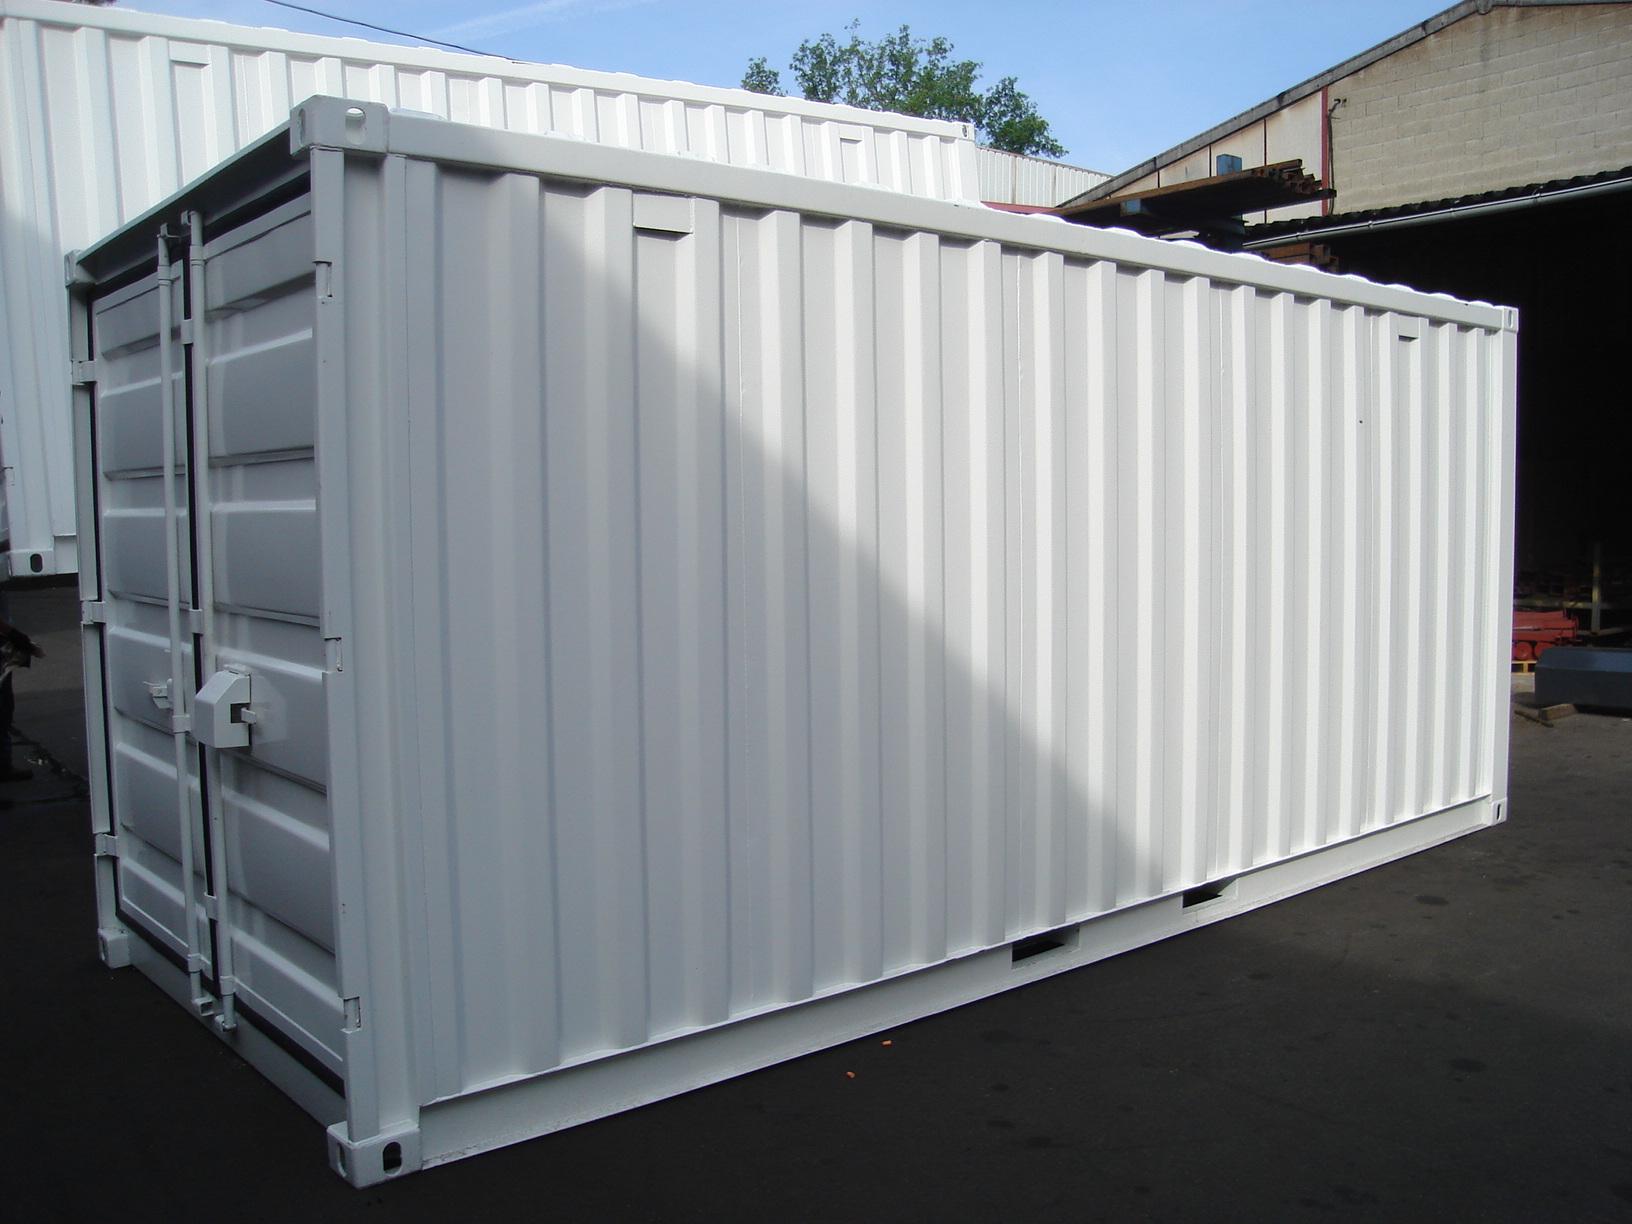 Conteneurs for Acheter des containers